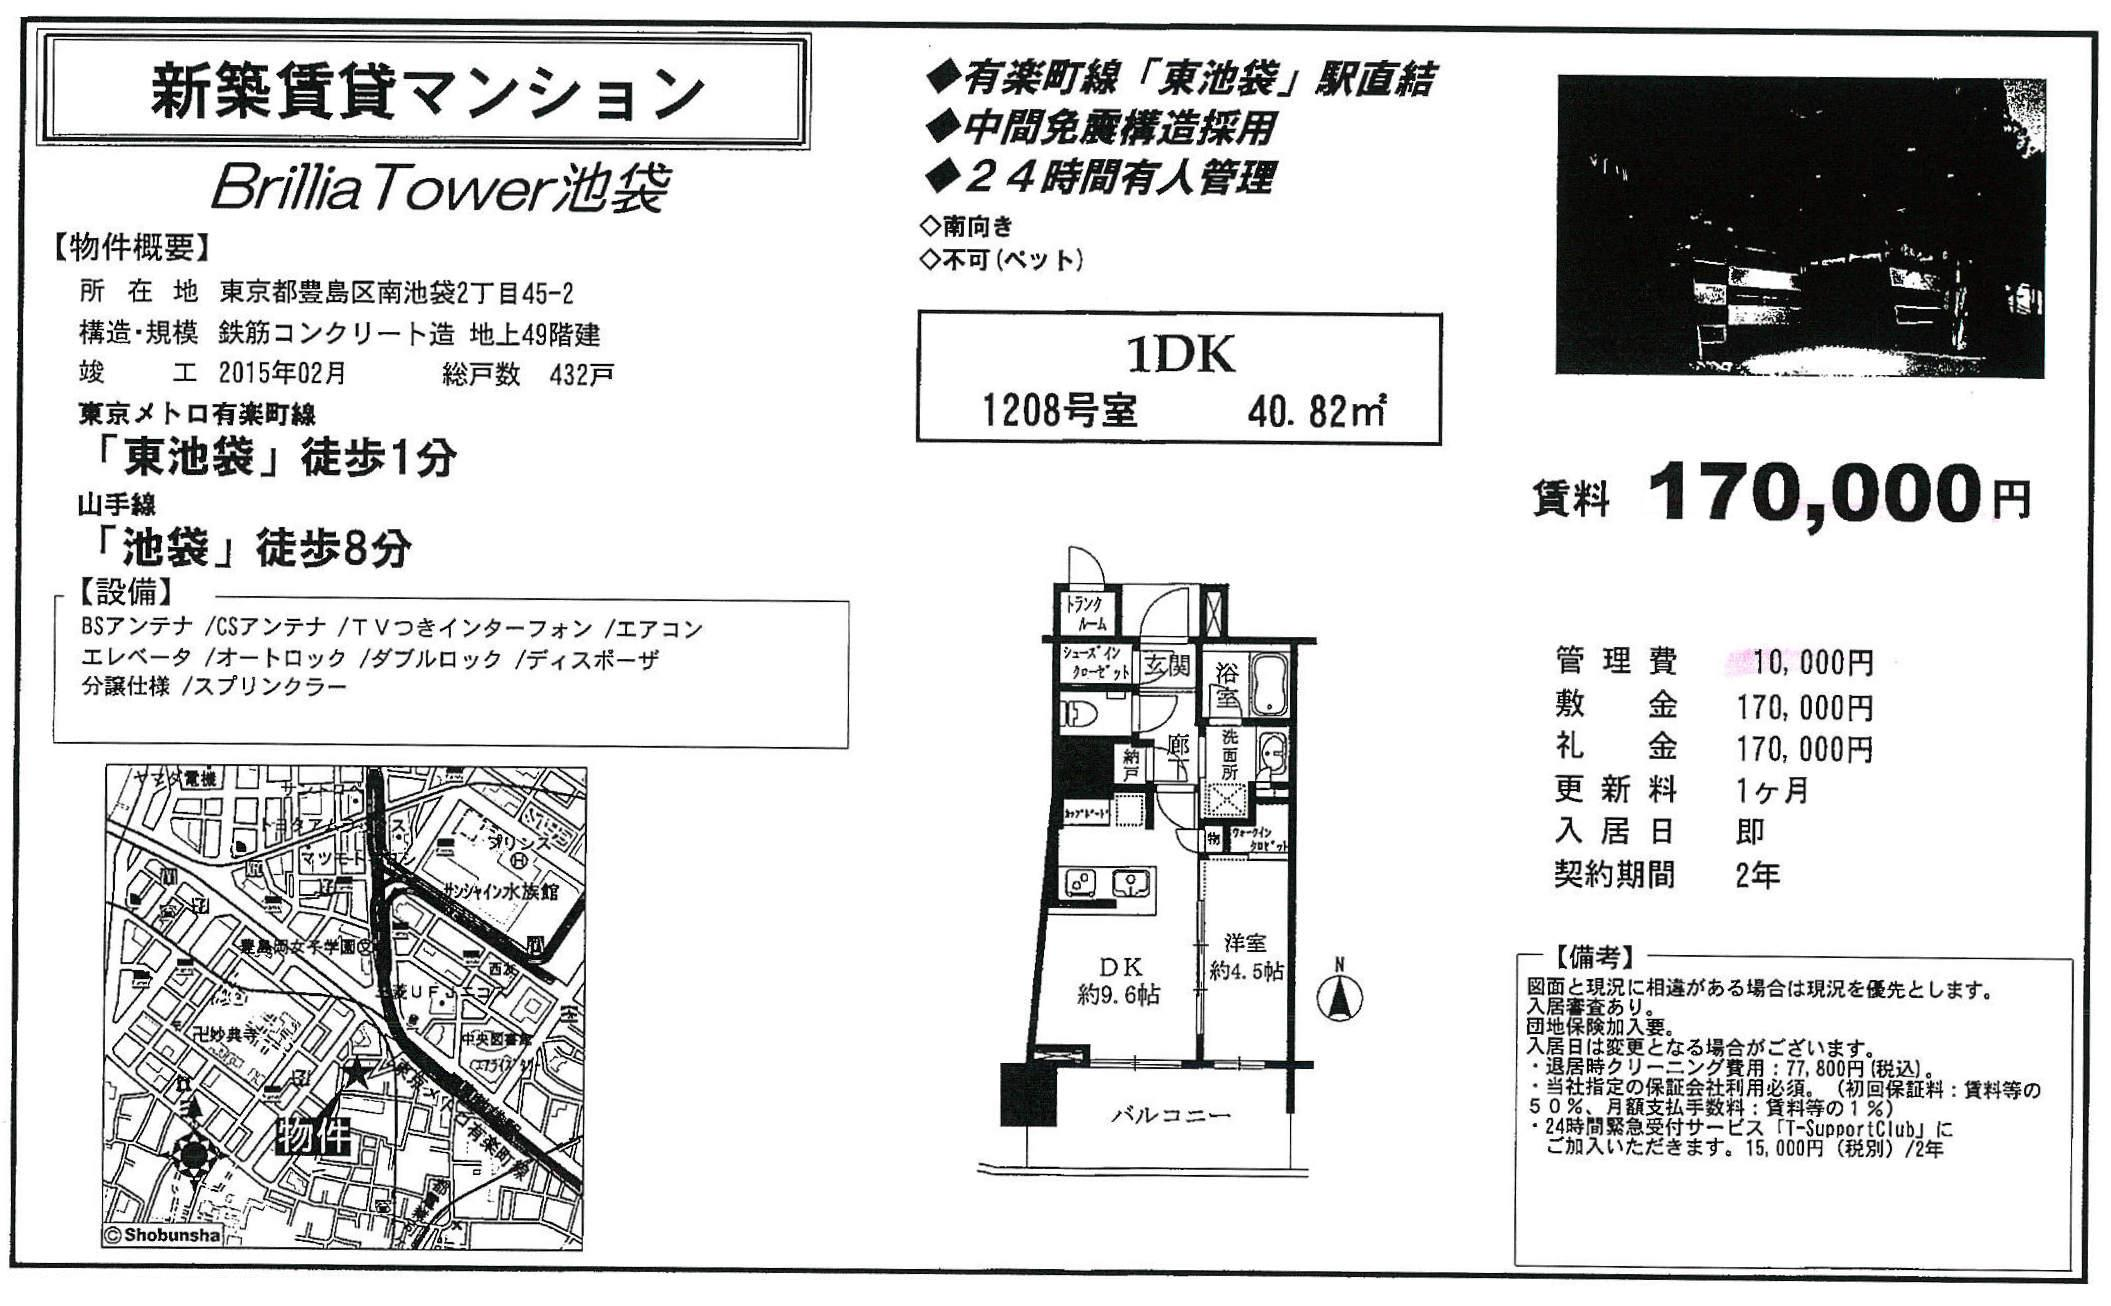 ブリリアタワー池袋図面1208号室